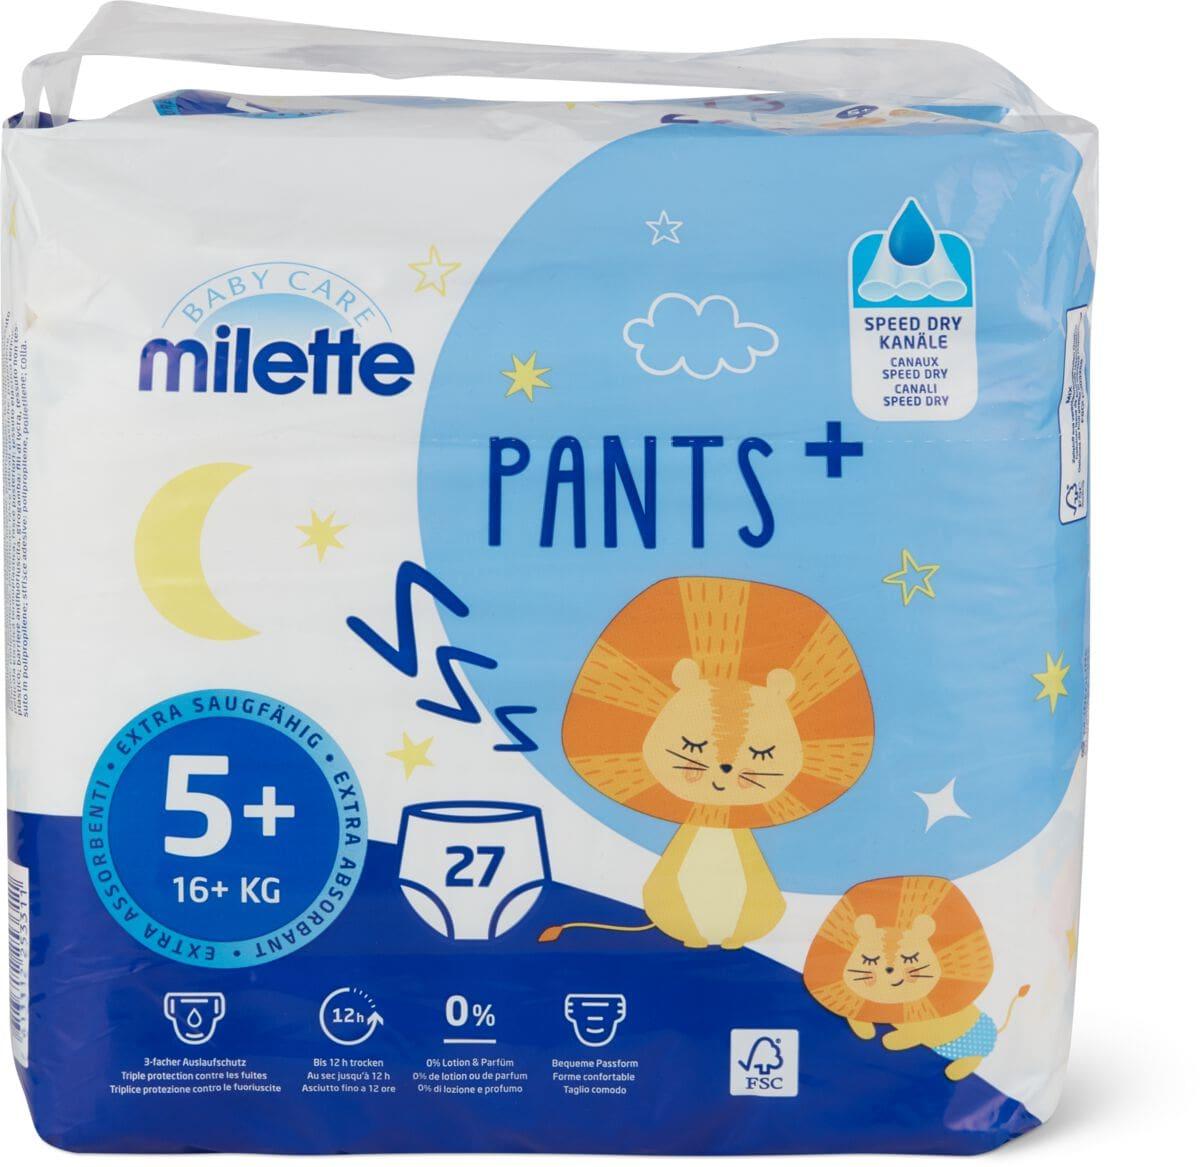 Milette Pants 5+, 16+kg